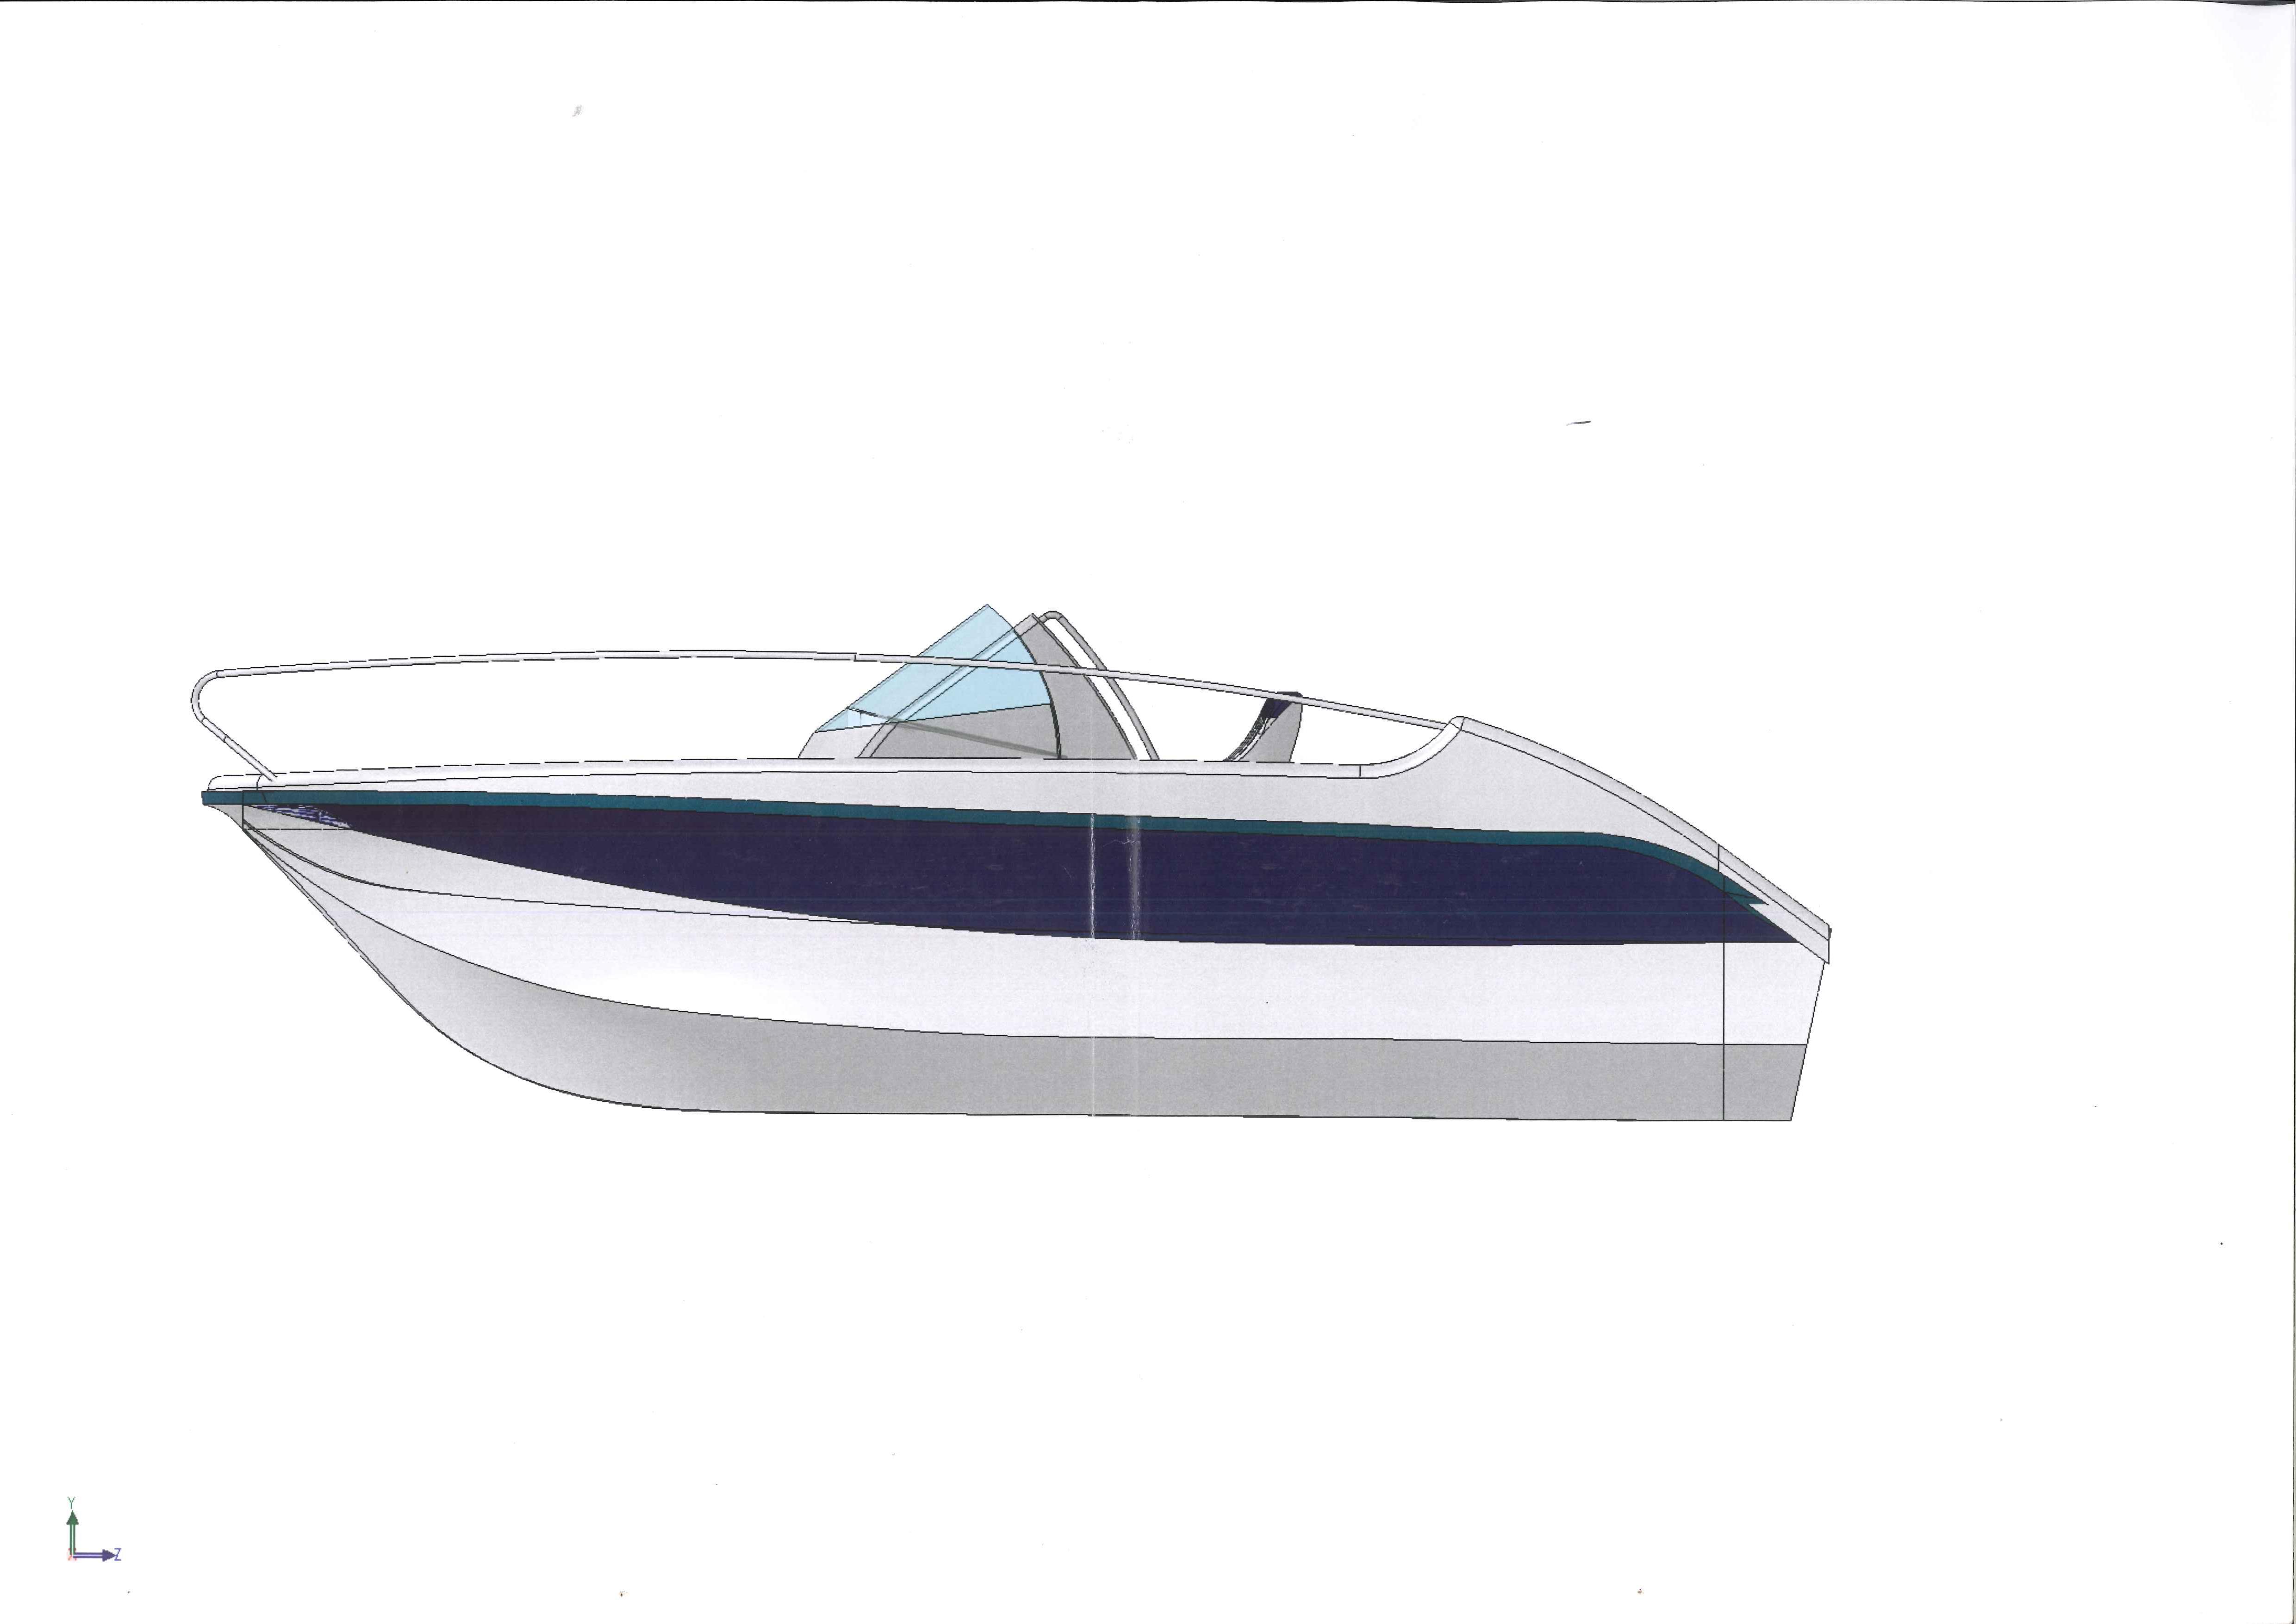 bateau moteur ocqueteau abaco 22 sun deck